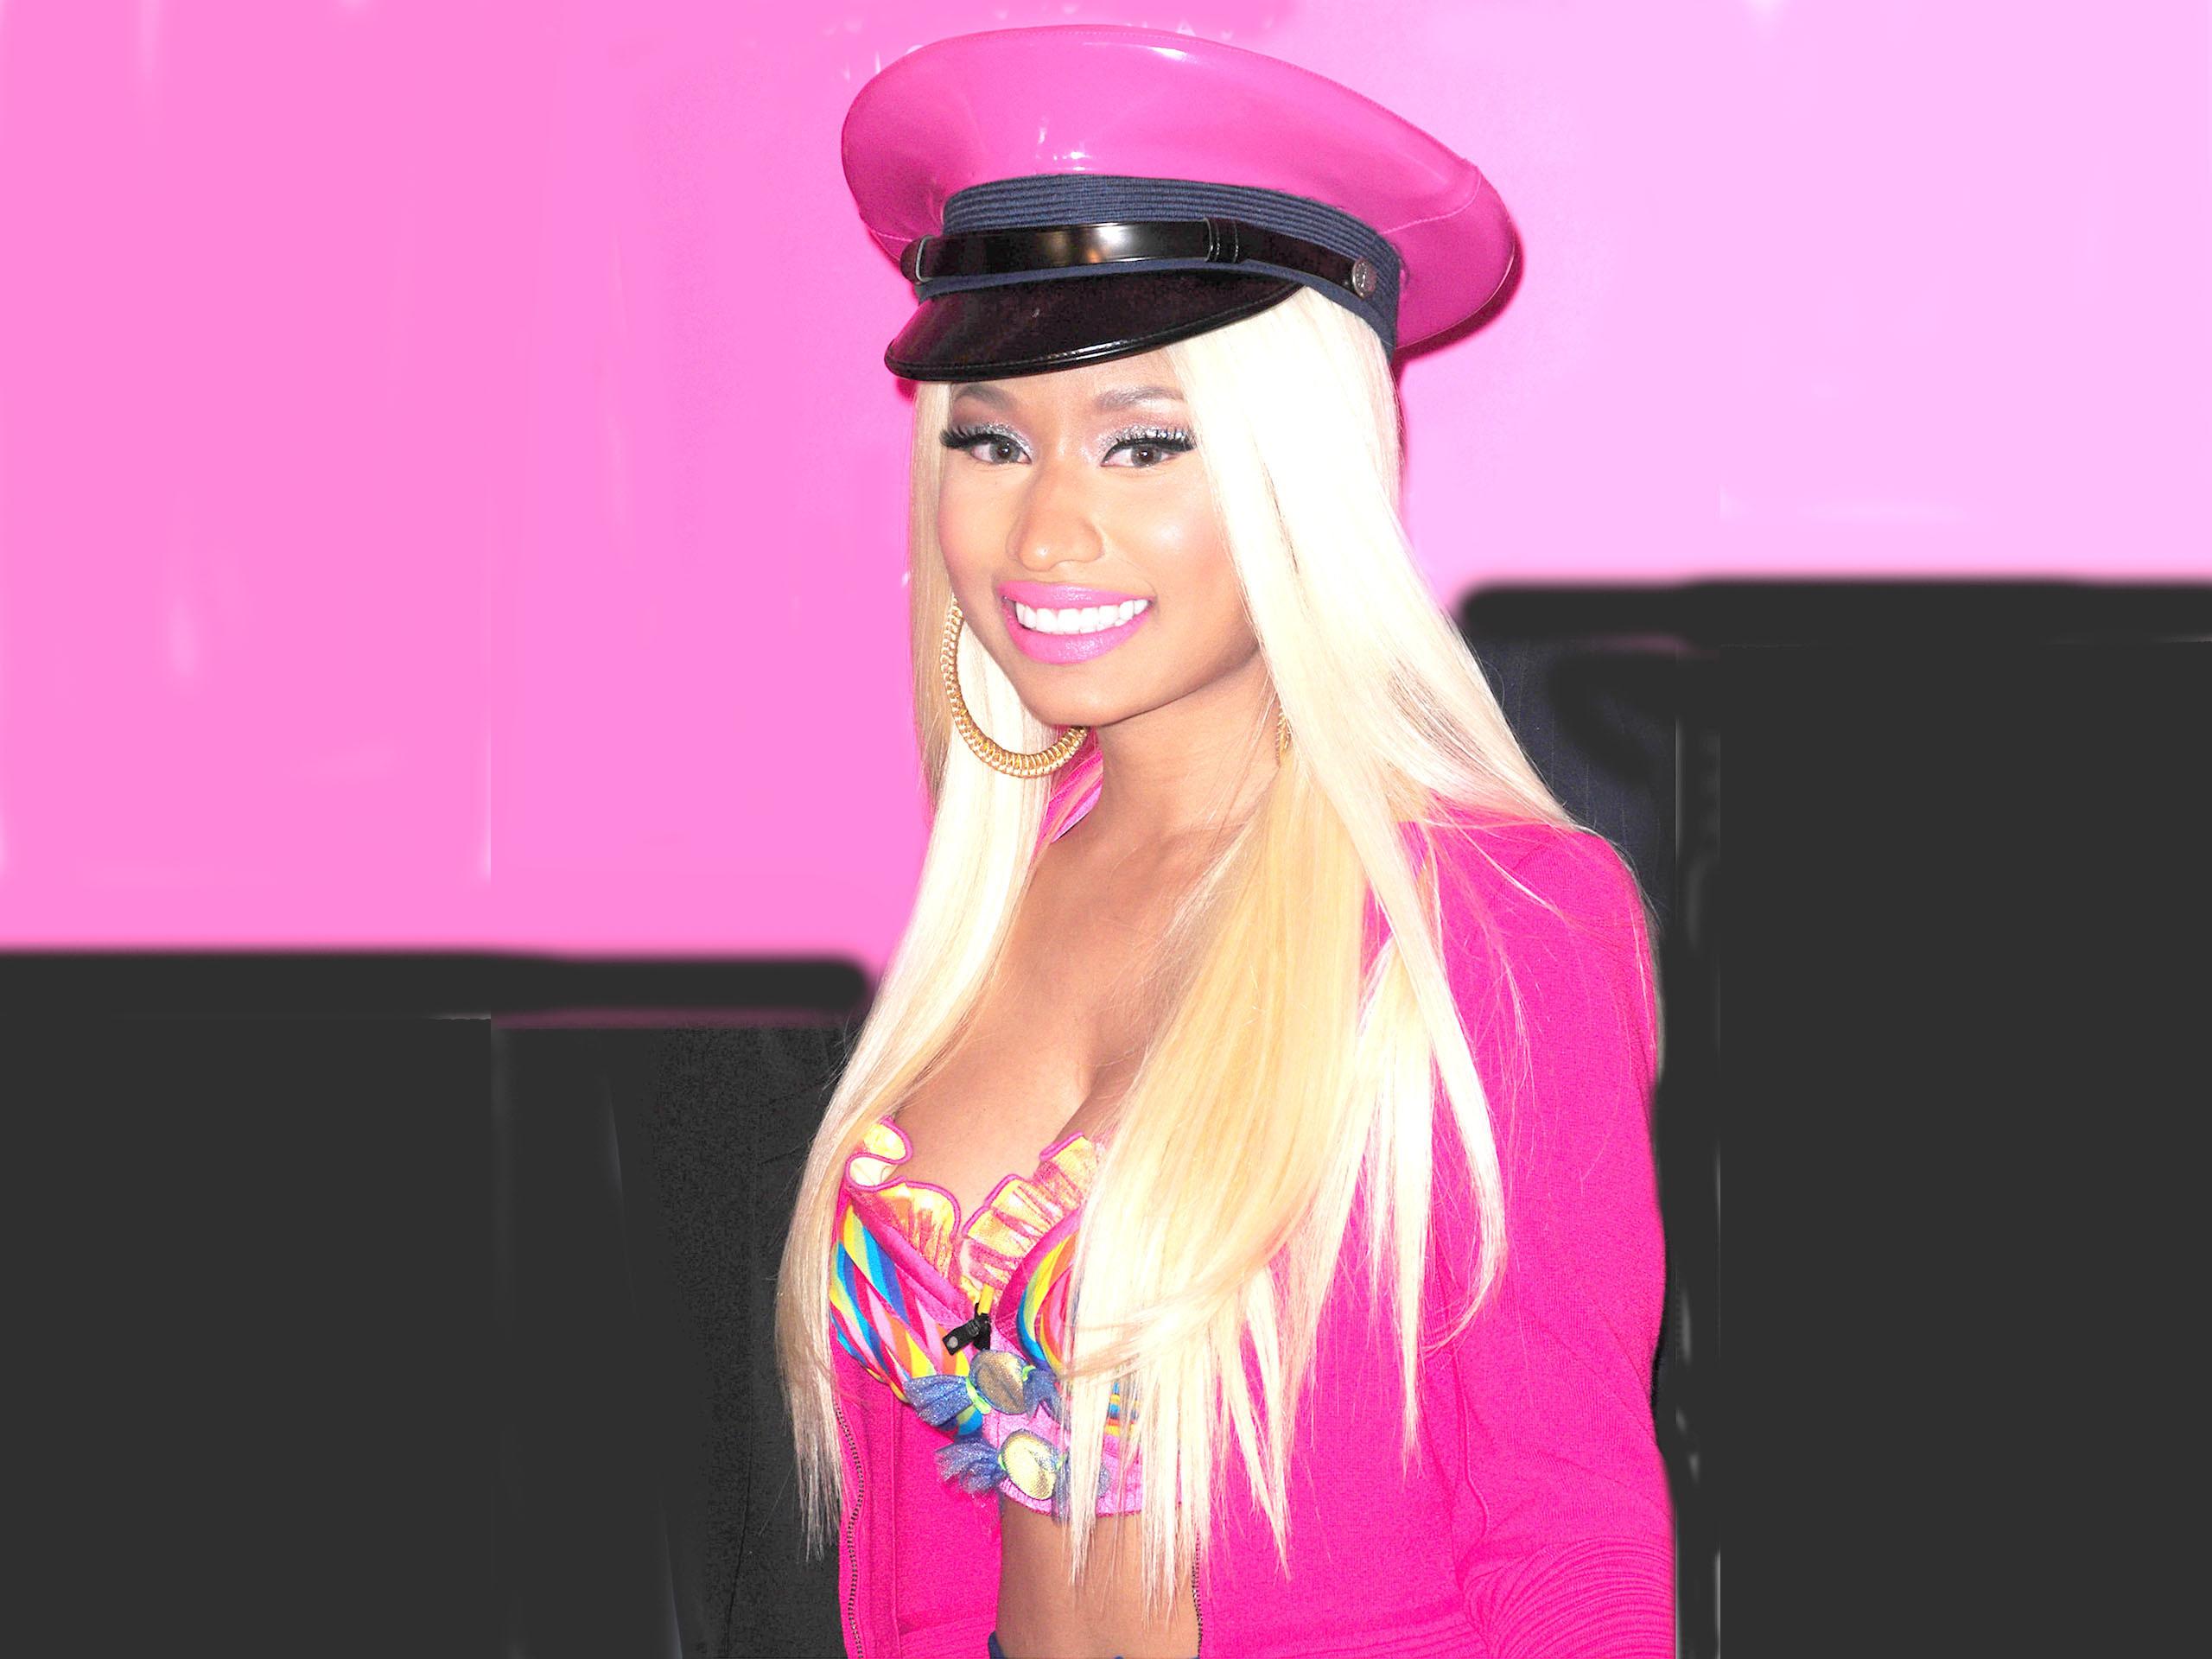 Nicki Minaj Wallpaper Desktop (63+ images)